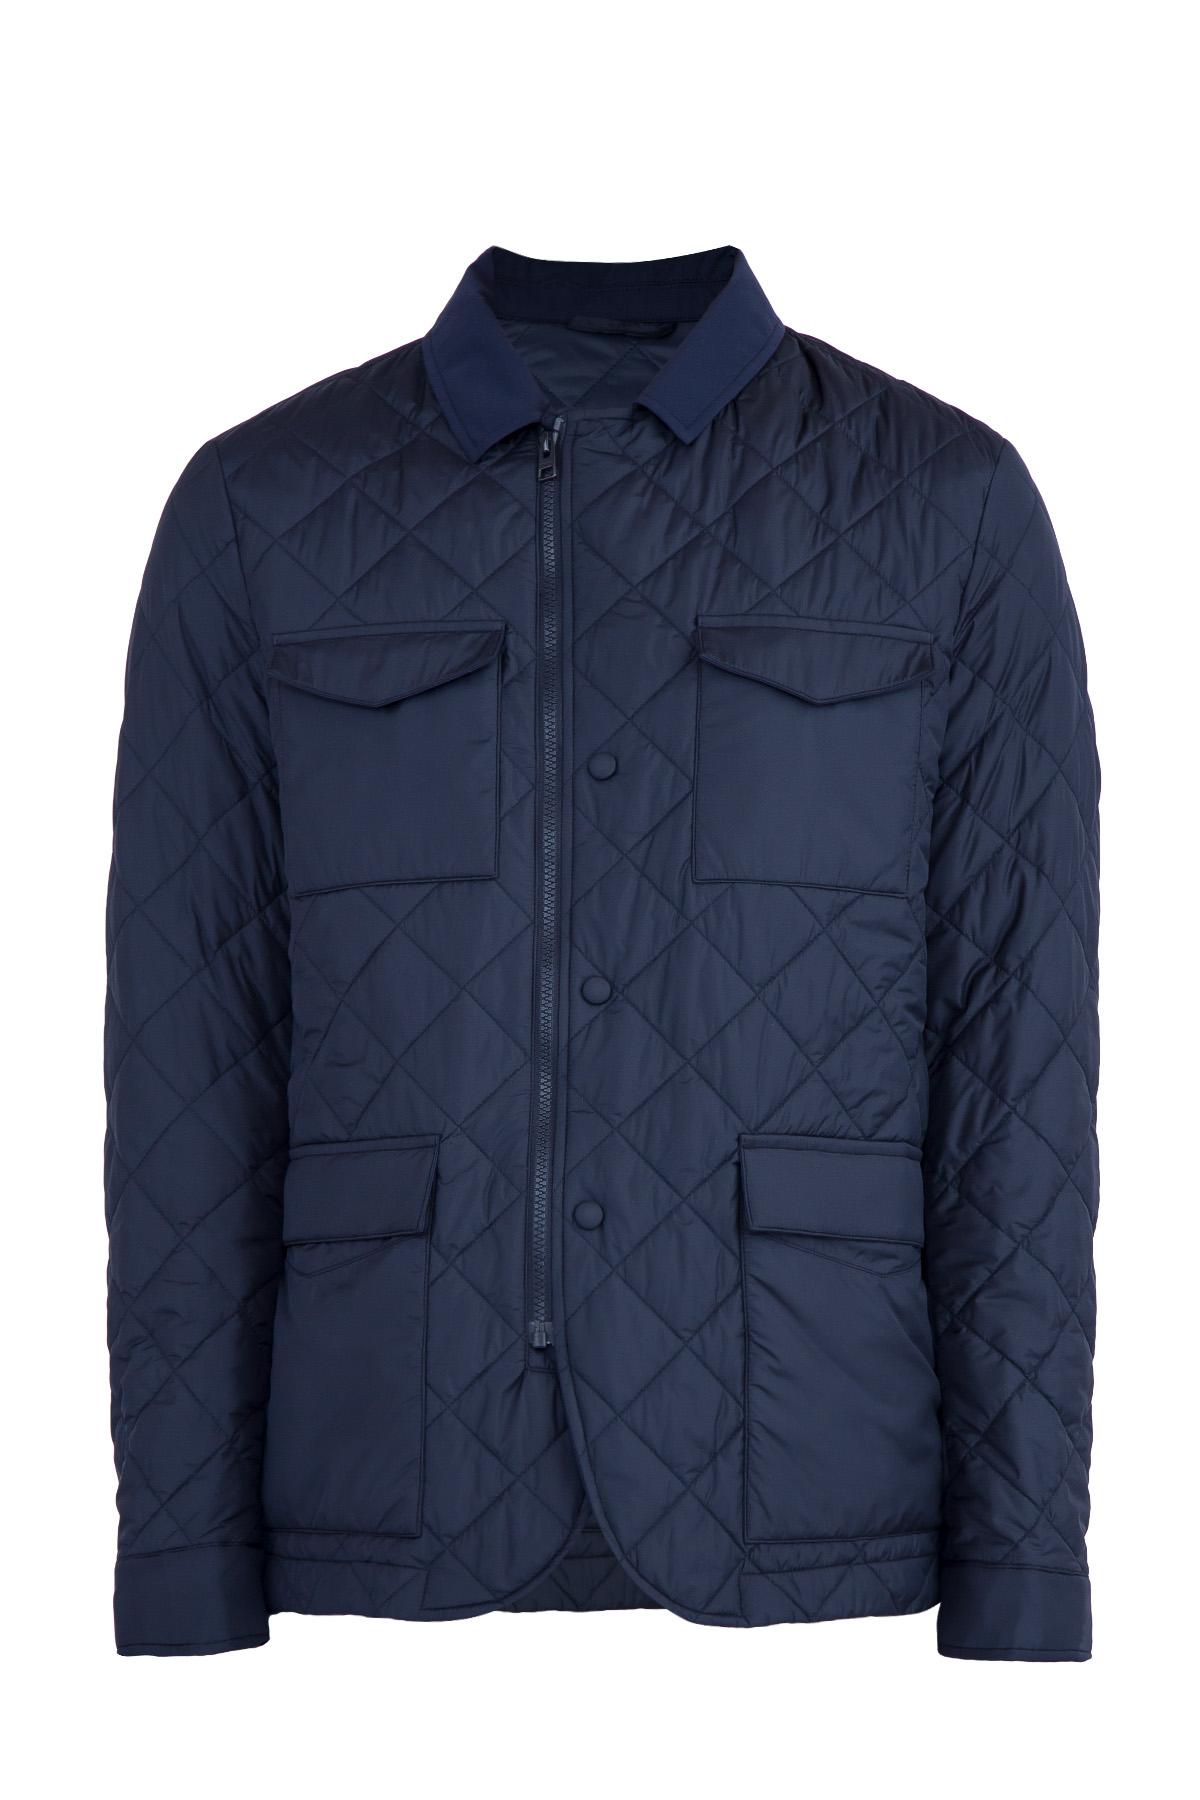 Купить Куртка, ETRO, Италия, полиэстер 100%